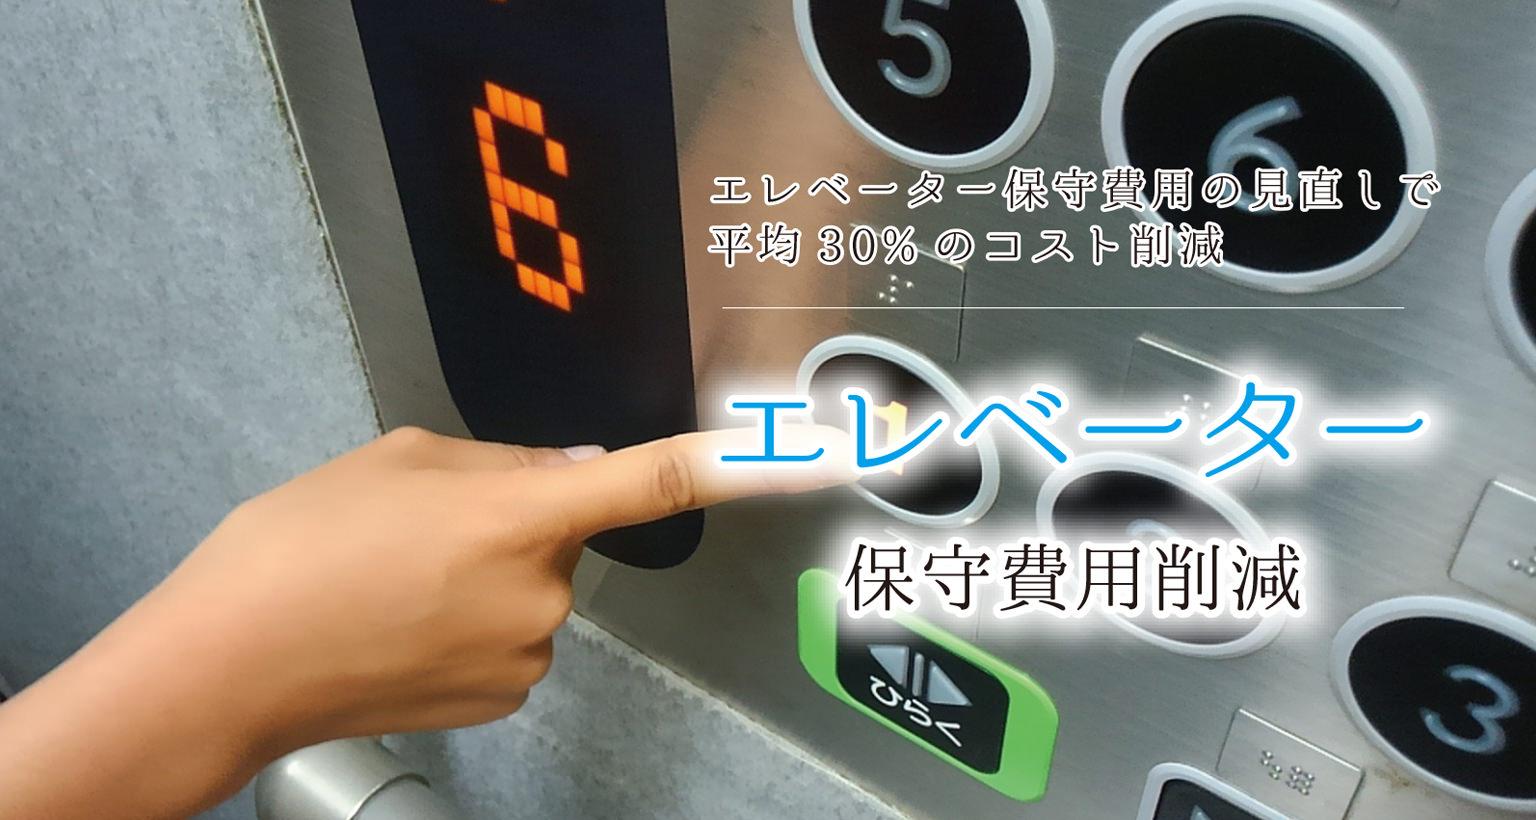 エレベーター保守費用削減